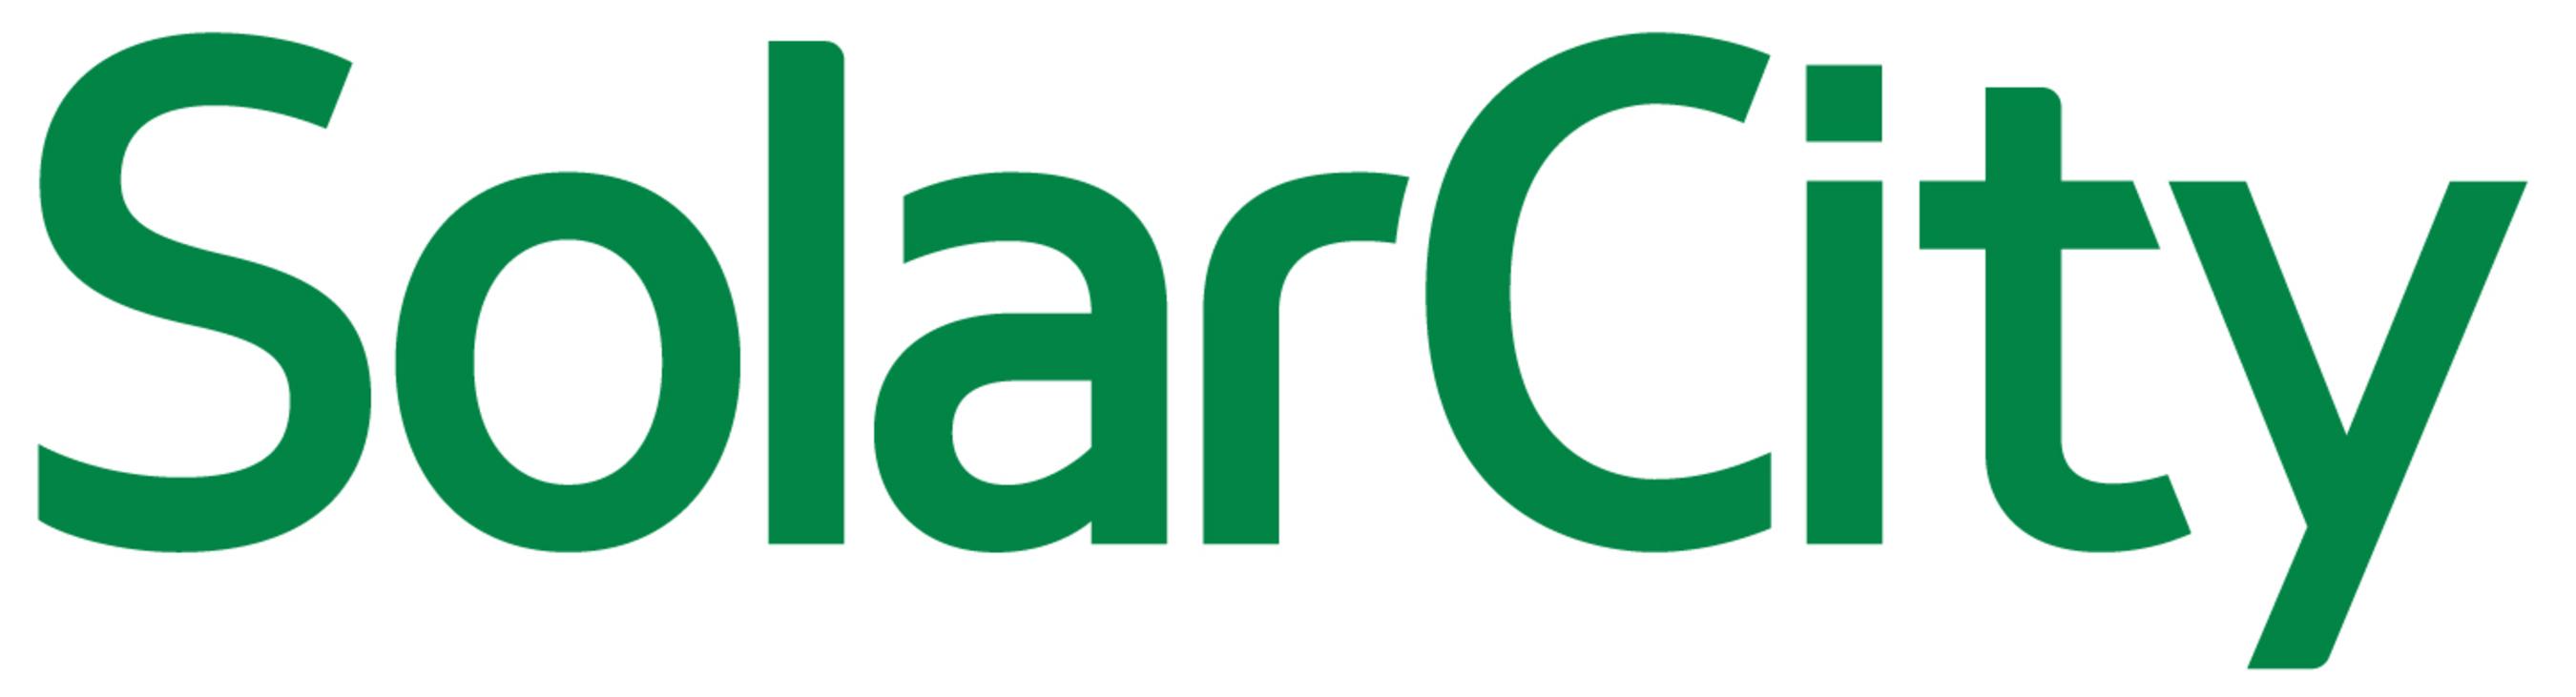 SolarCity logo. (PRNewsFoto/SolarCity)